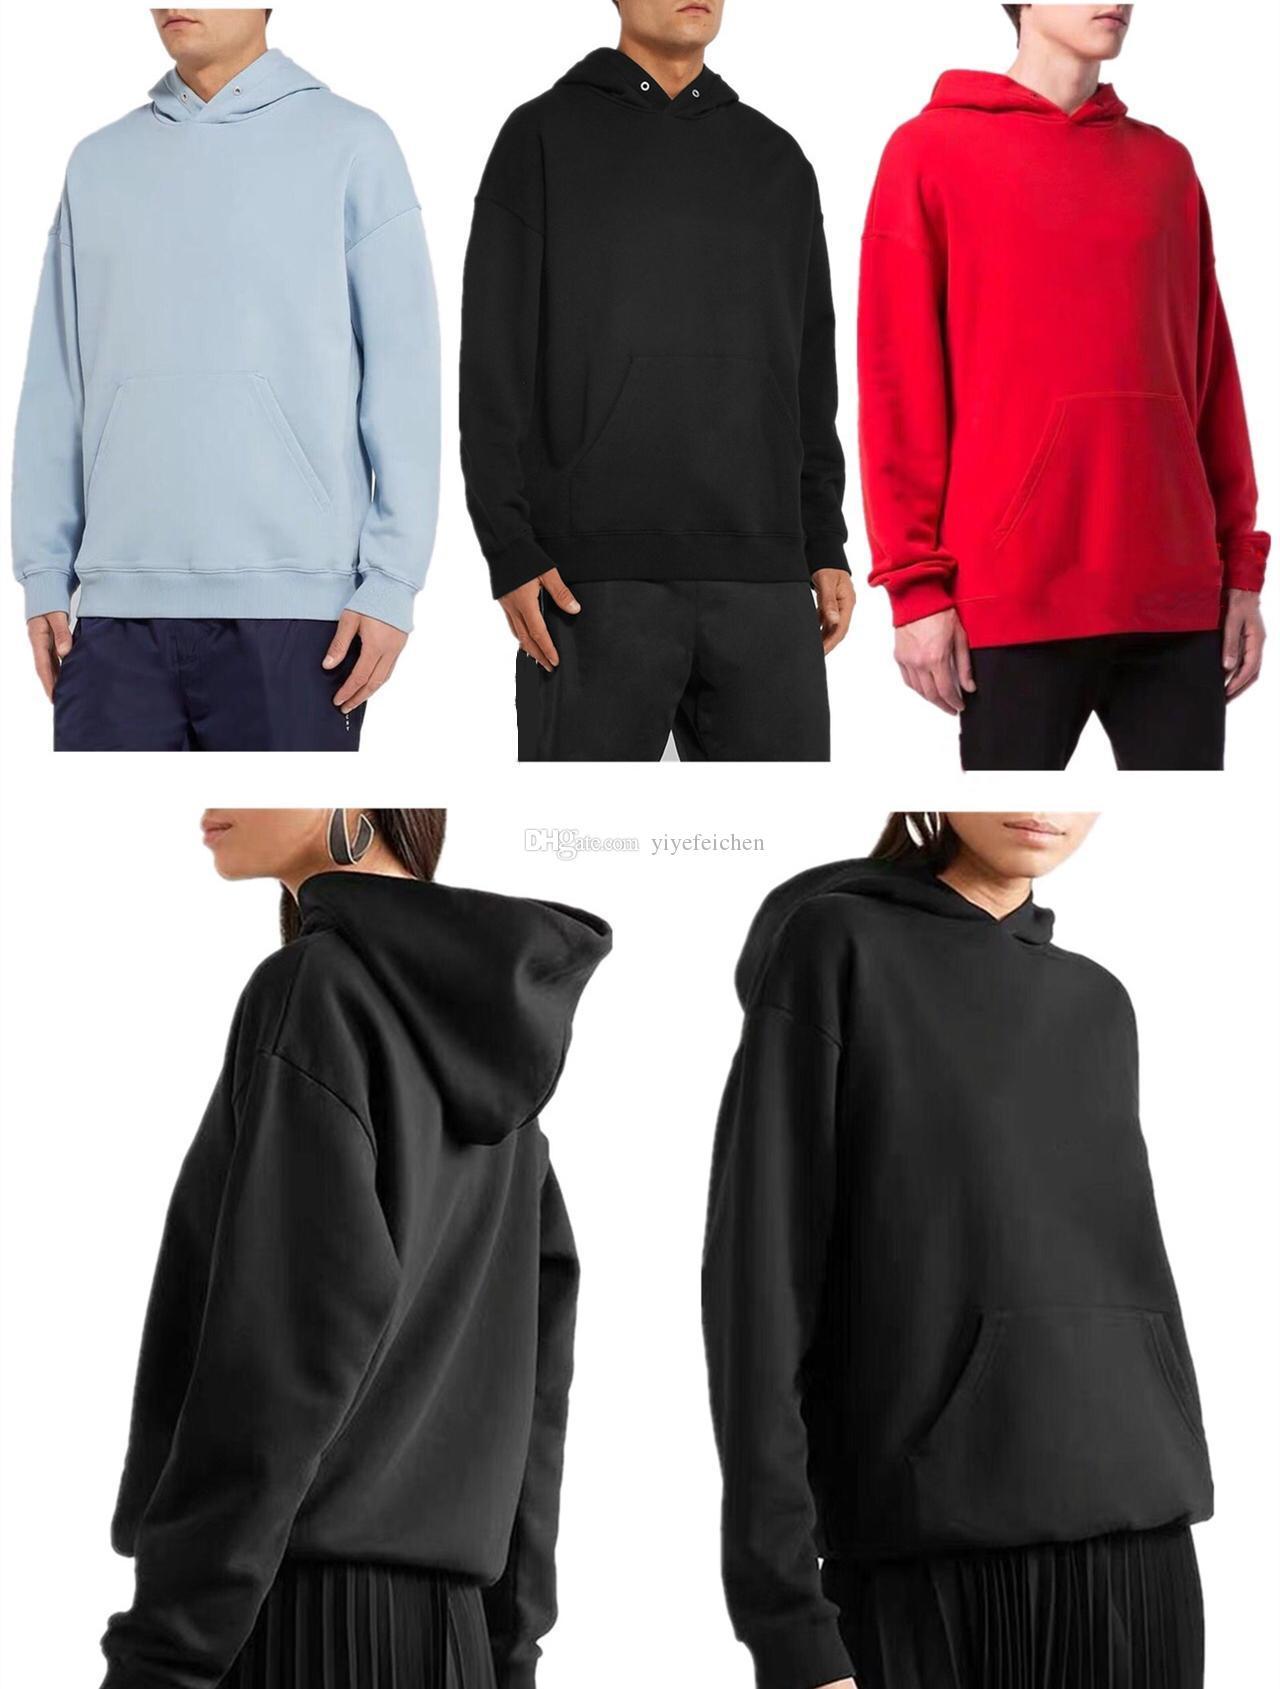 Camisola masculina Mens Hoodies moda unisex hoodie outono primavera homens casuais e mulheres pulôver clássico